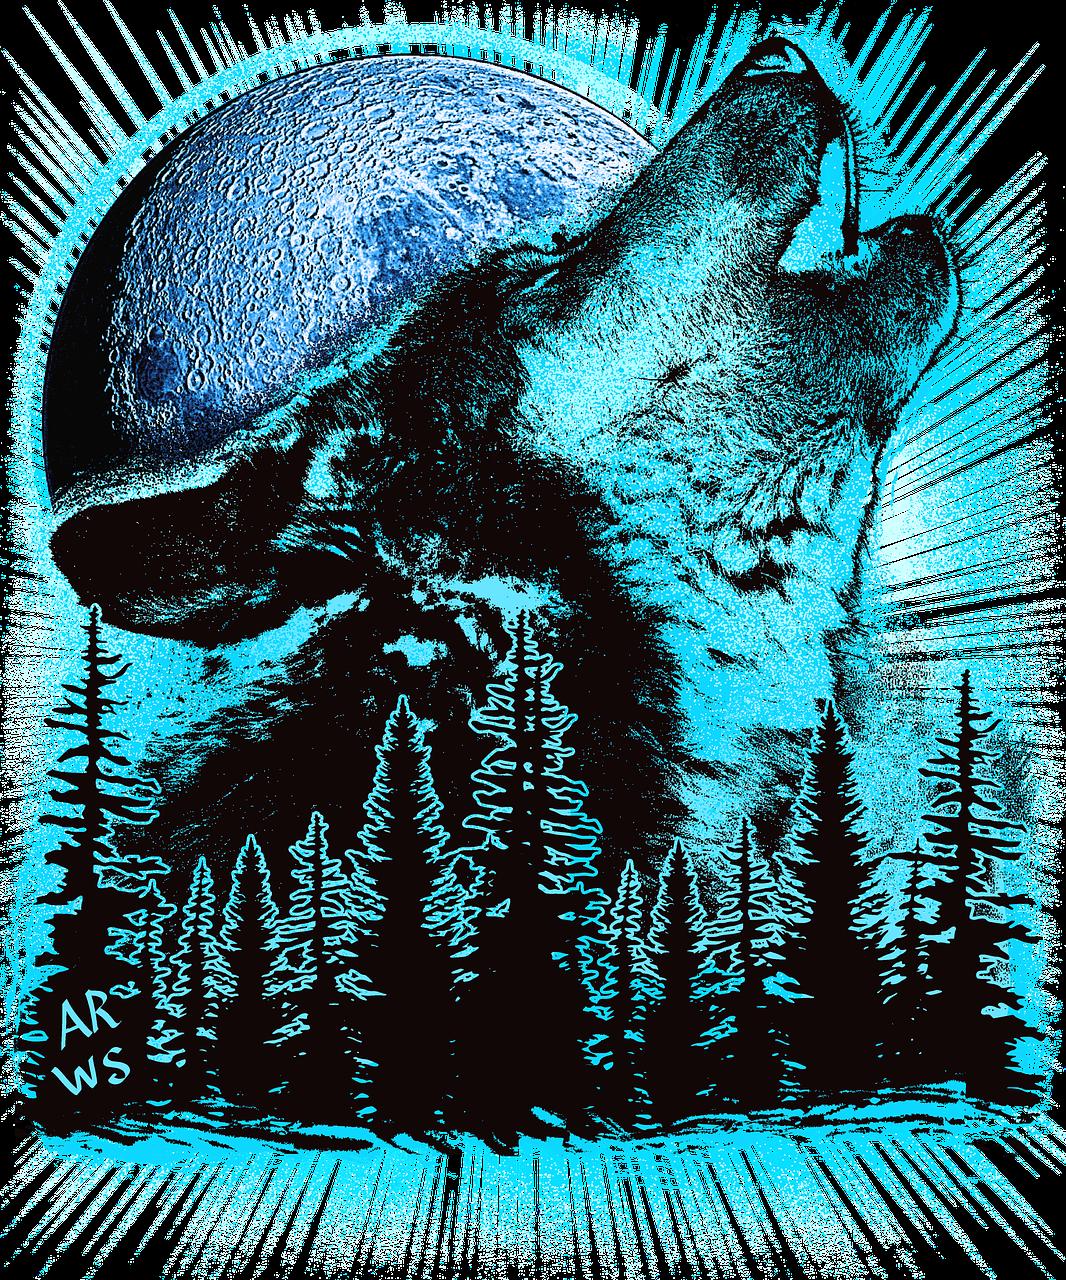 картинки волк под пальмой понятно